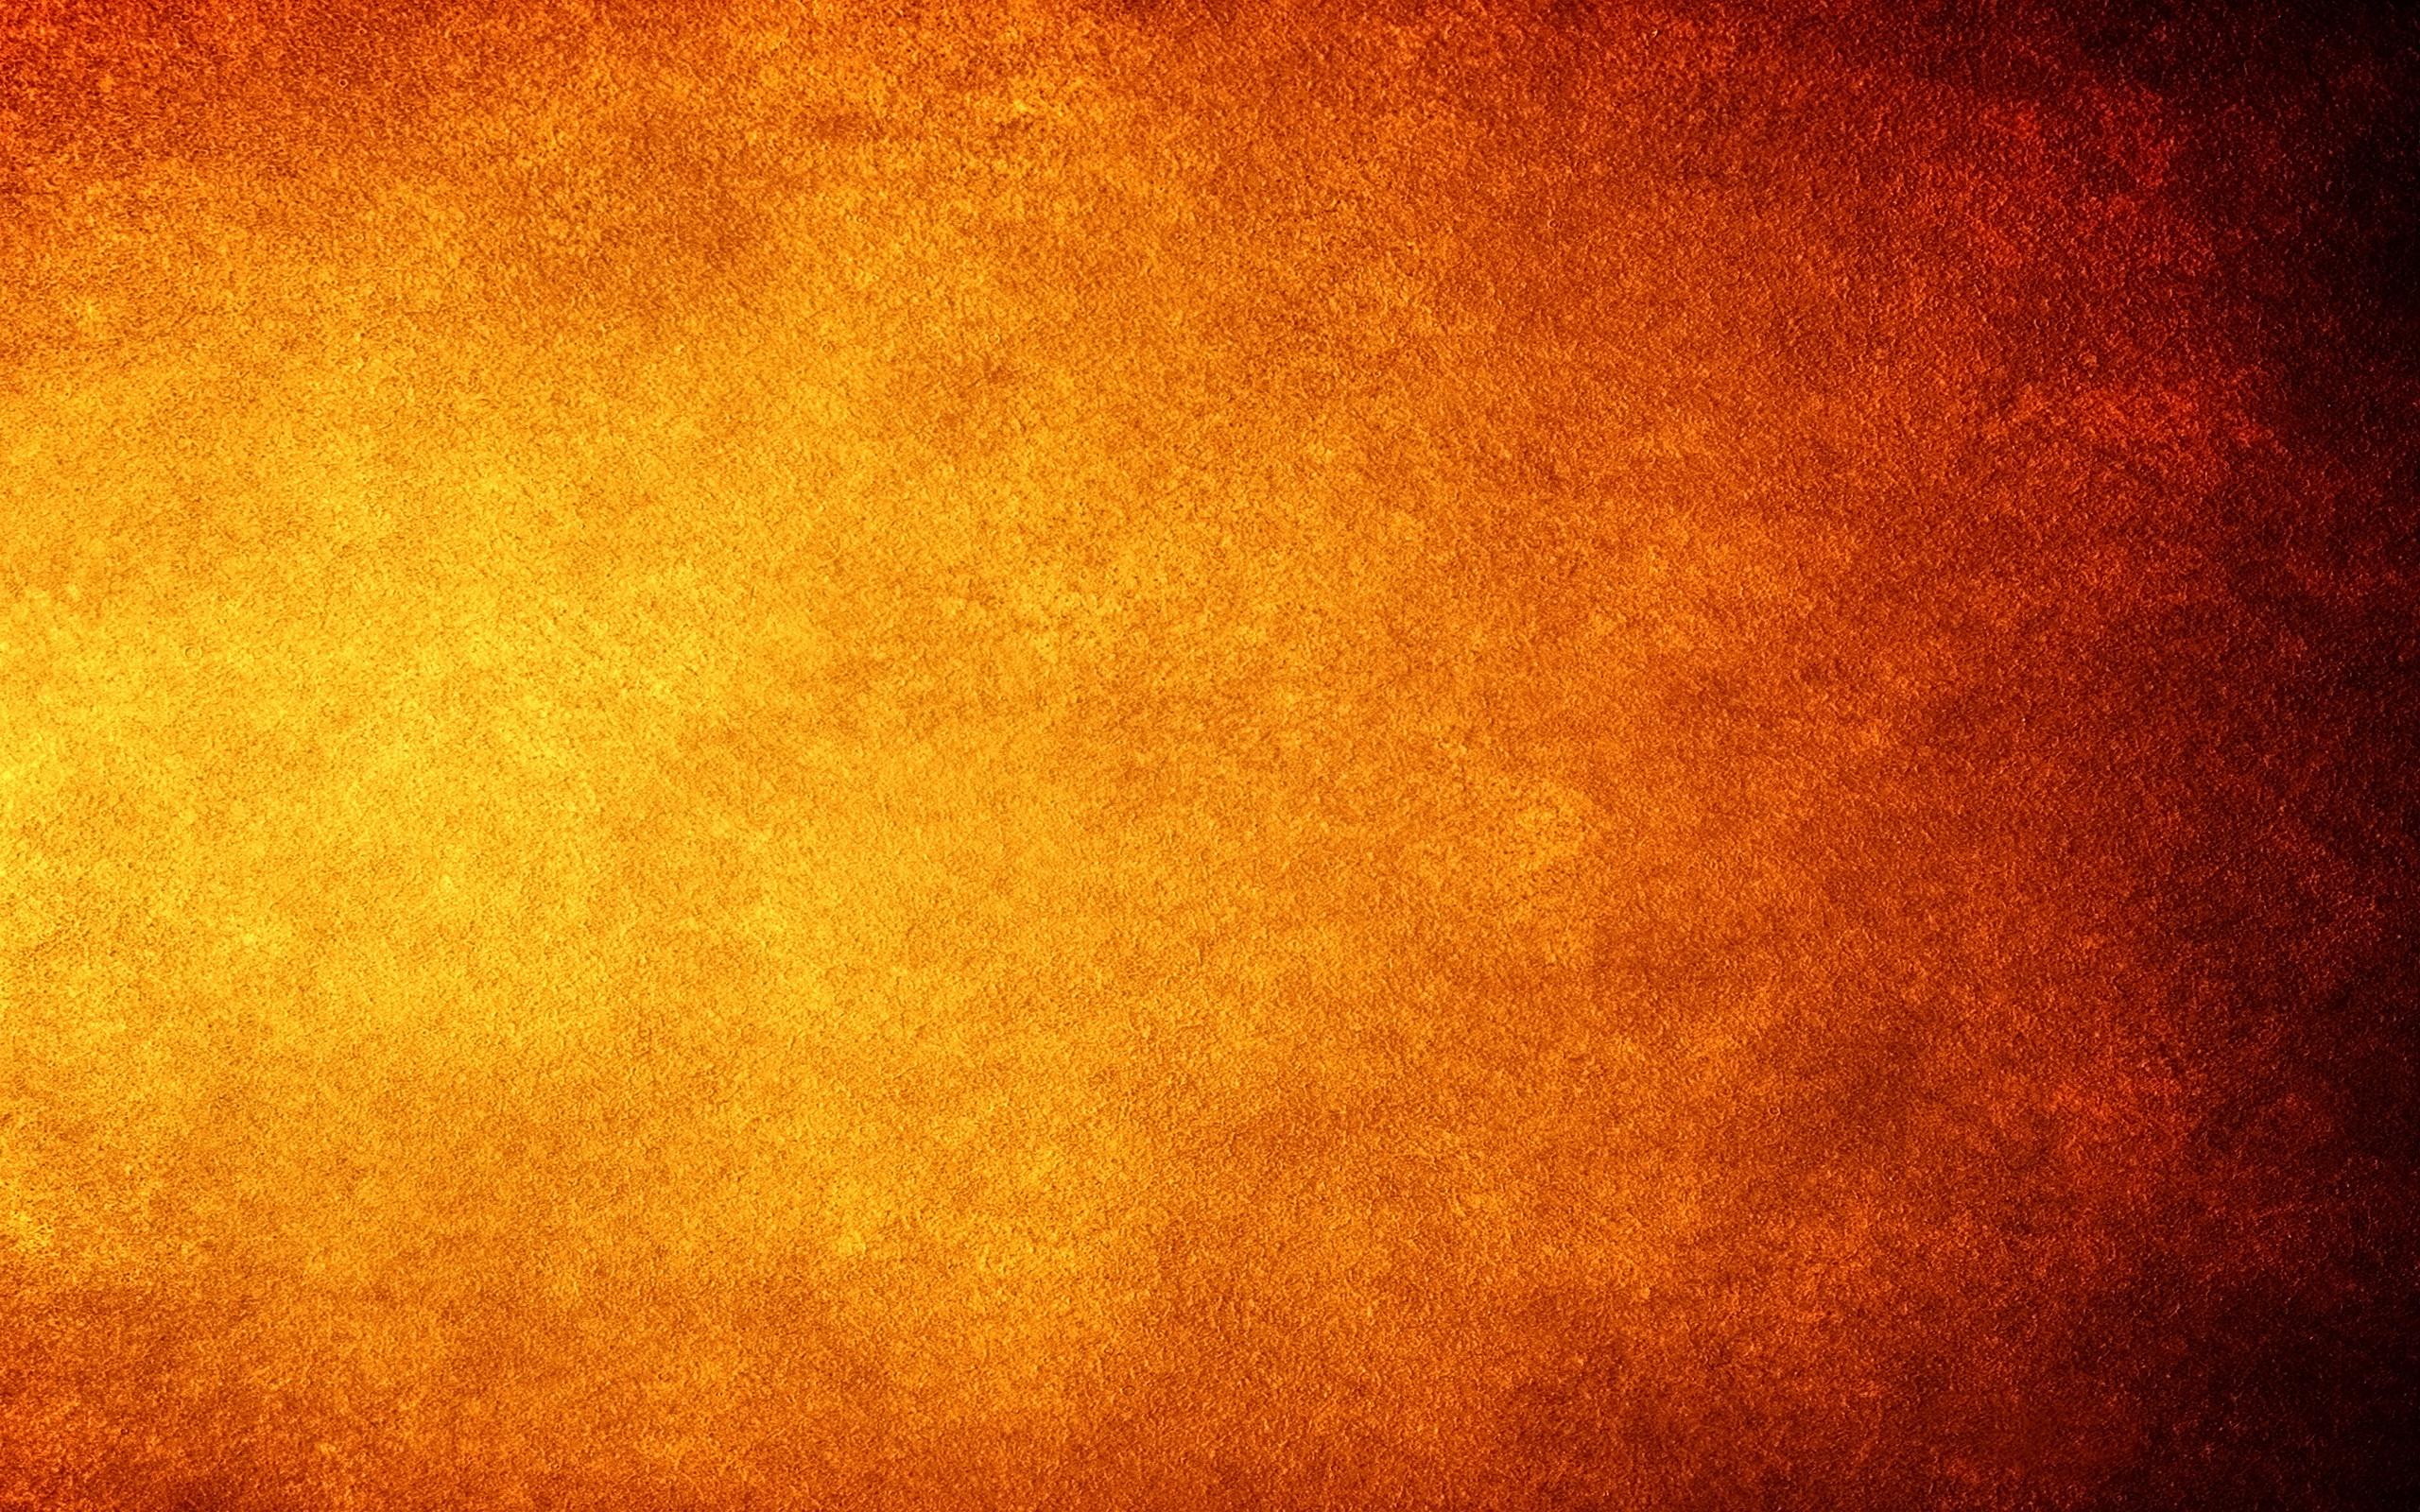 Orange Background Images 2560x1600